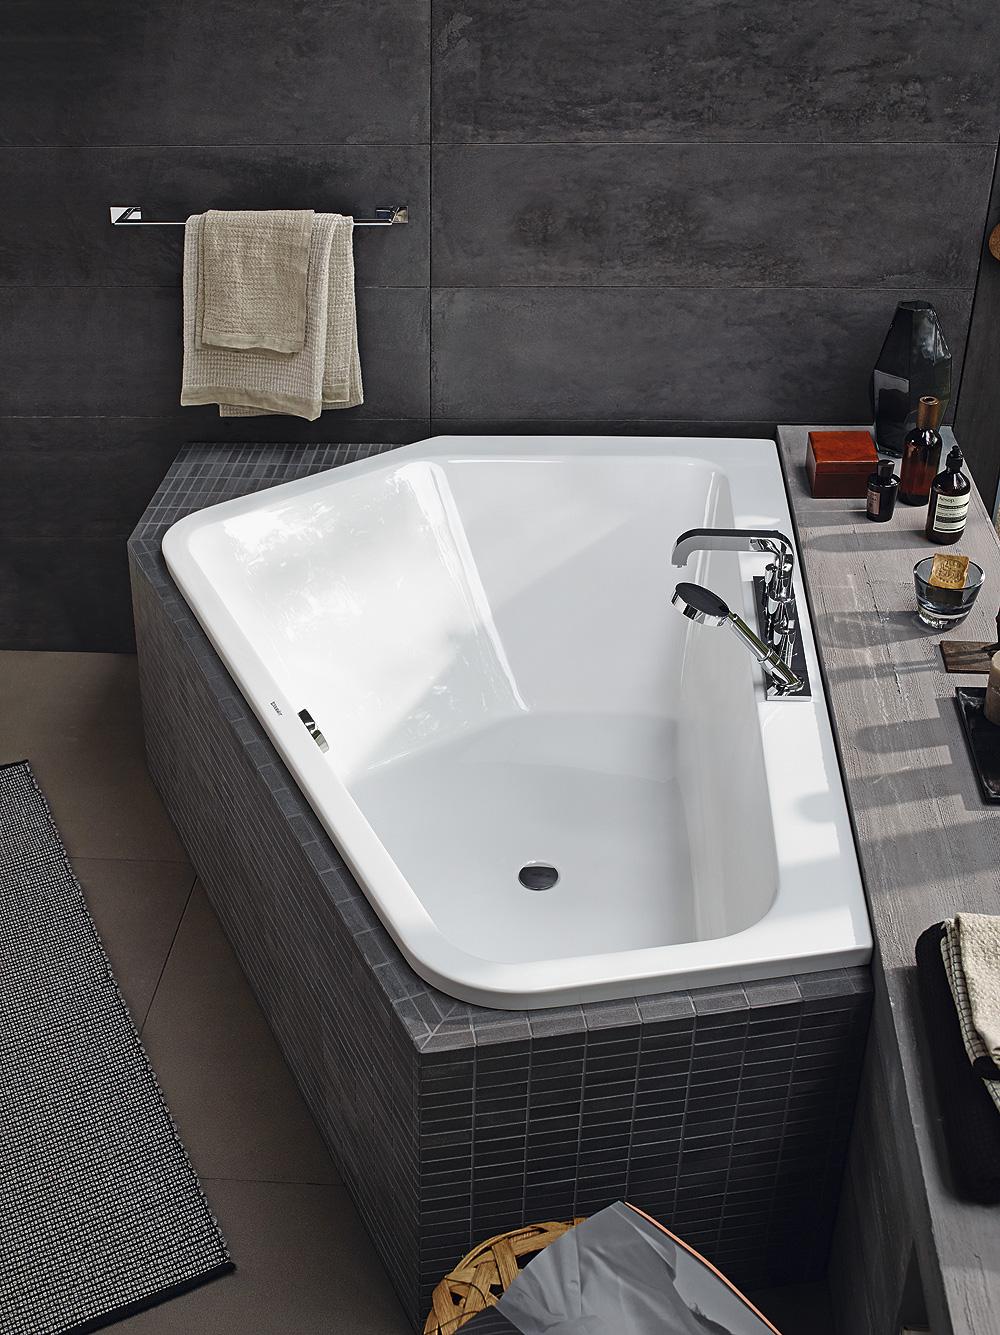 bañera-paiova-eoos-duravit (2)